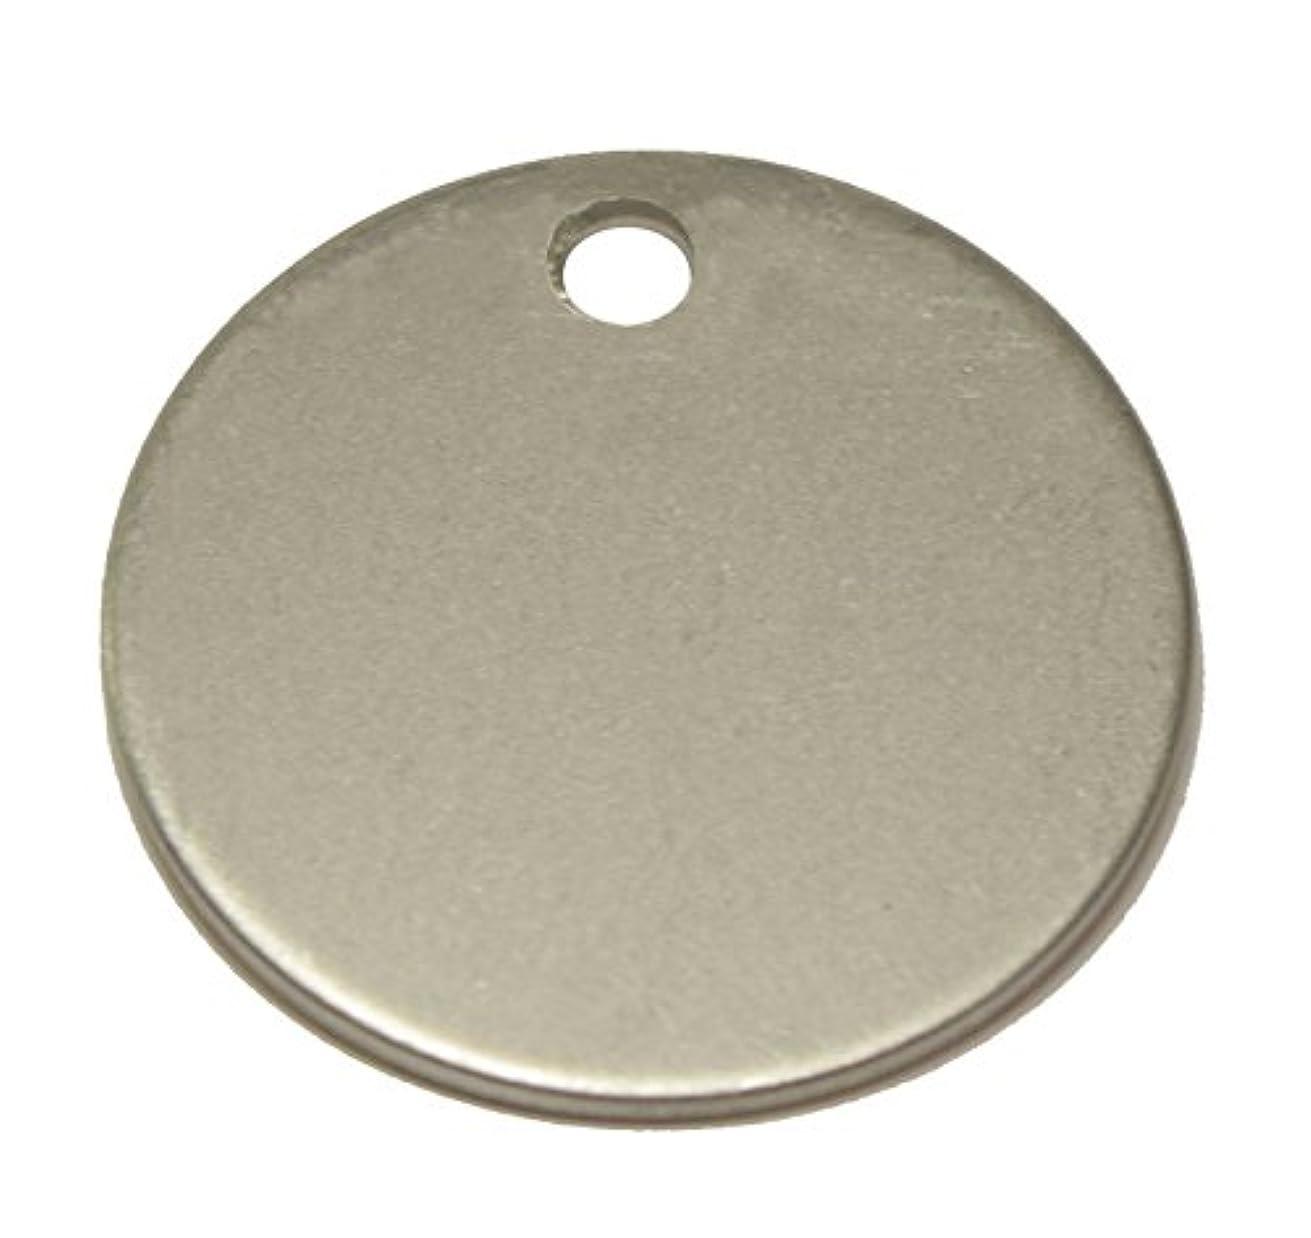 RMP Stainless Steel Blanks - 1